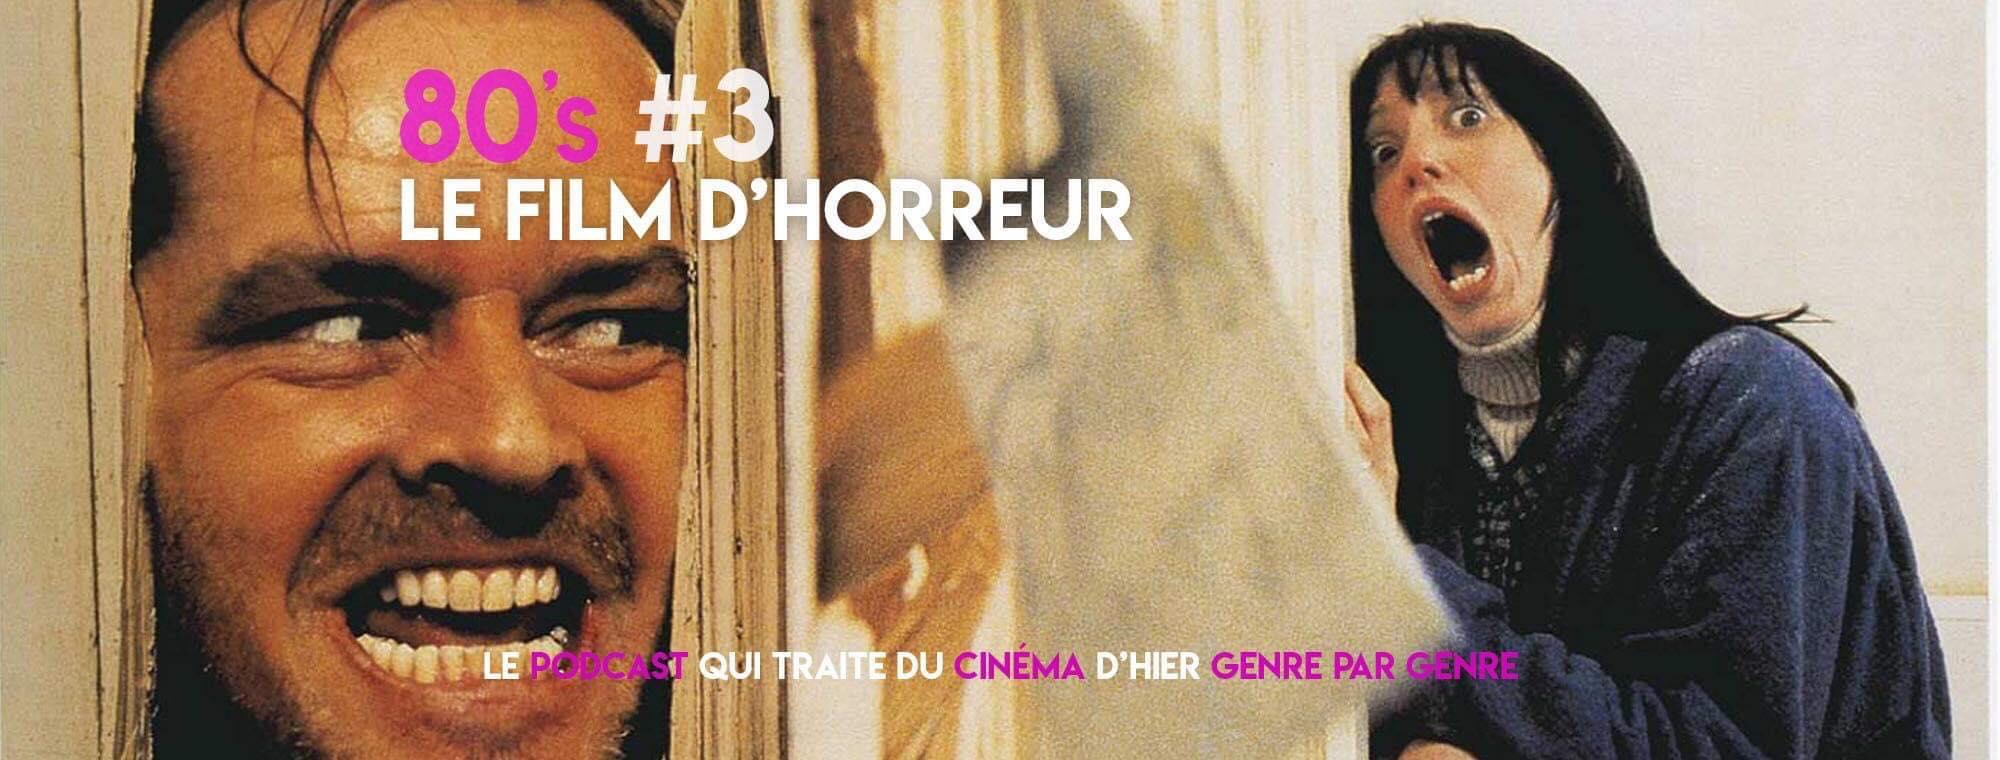 Parlons Péloches - 80's #3 – Le film d'horreur